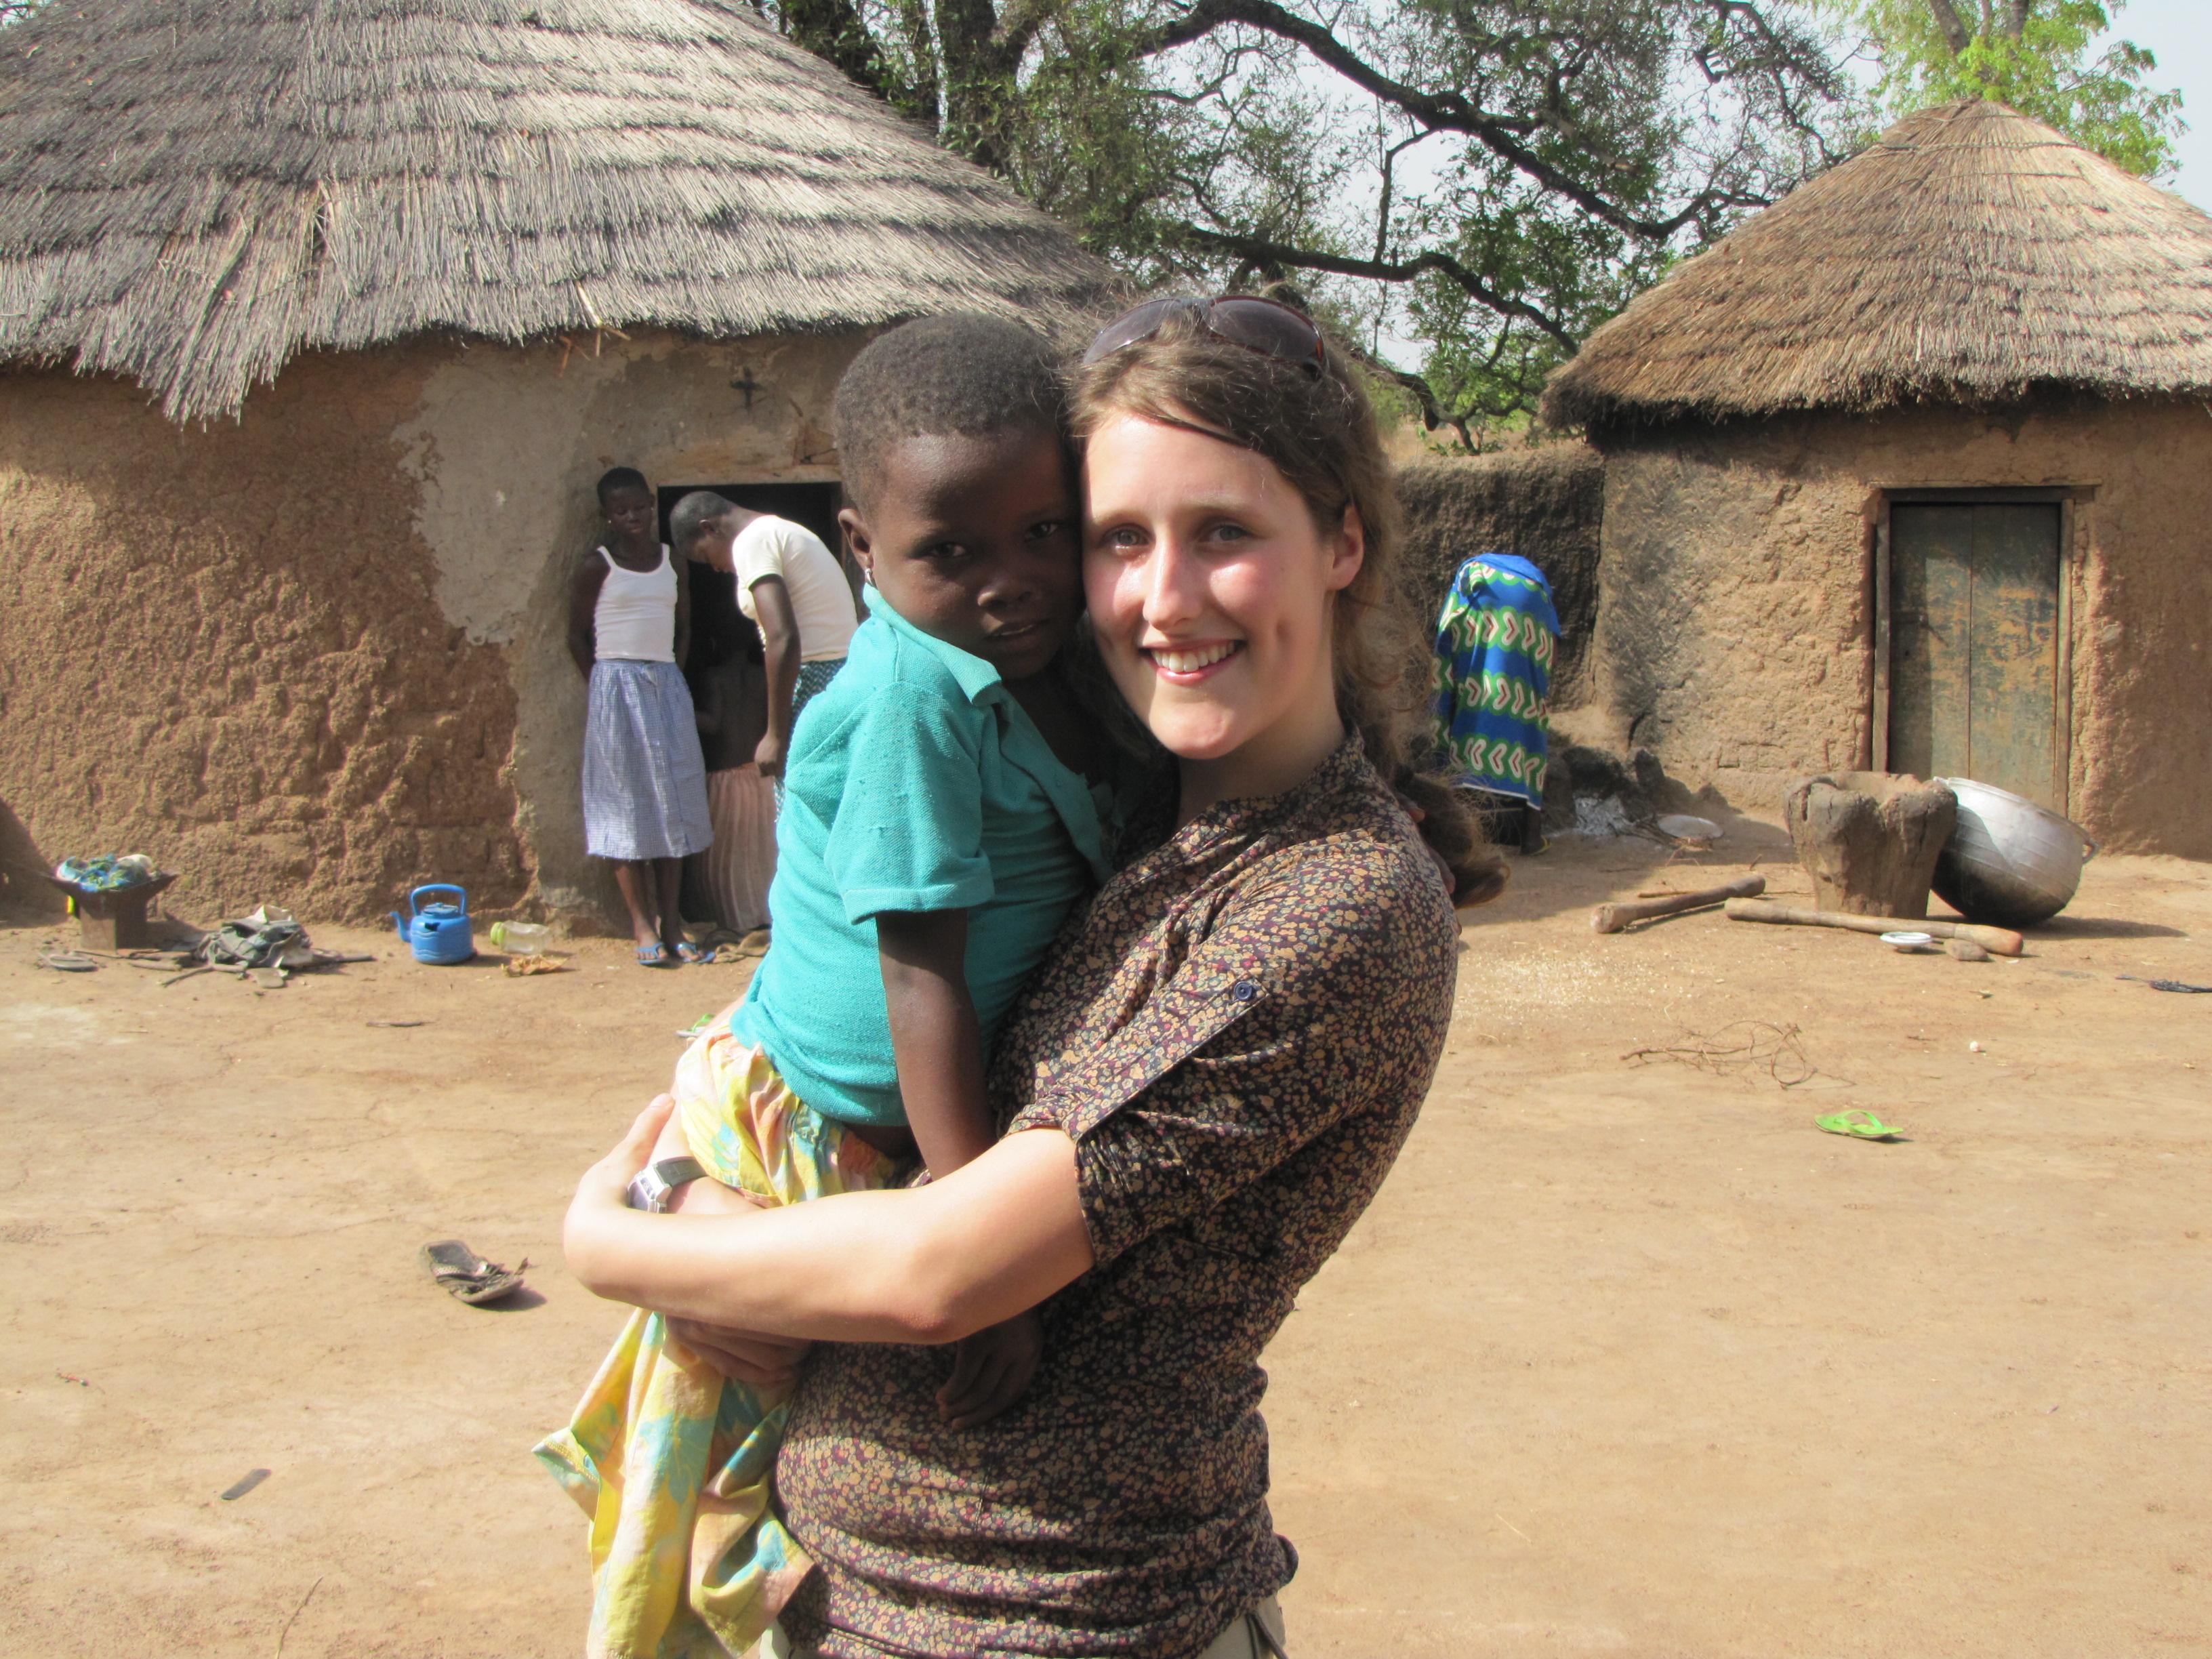 Experience Volunteering in Ghana – In 2 Minutes